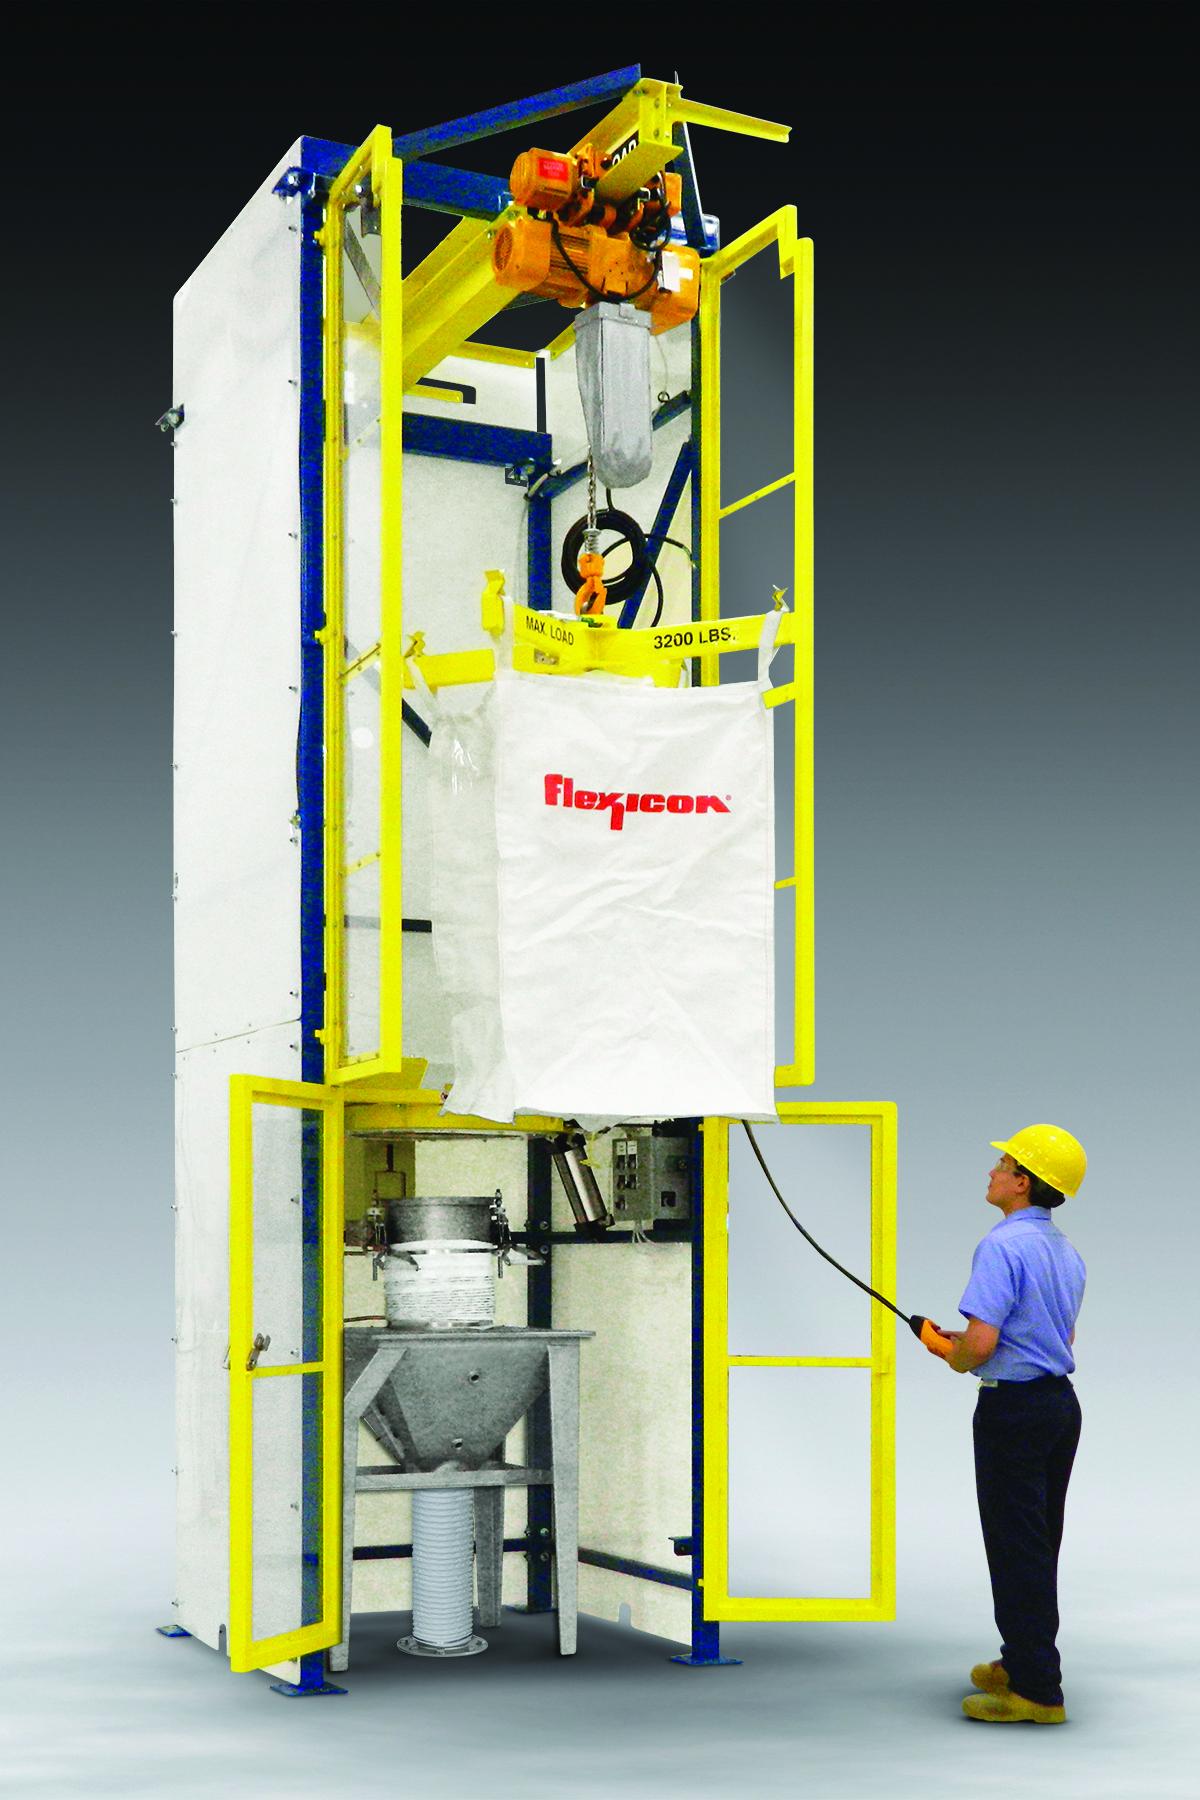 Flexicon BFC Bulk-Bag Discharger